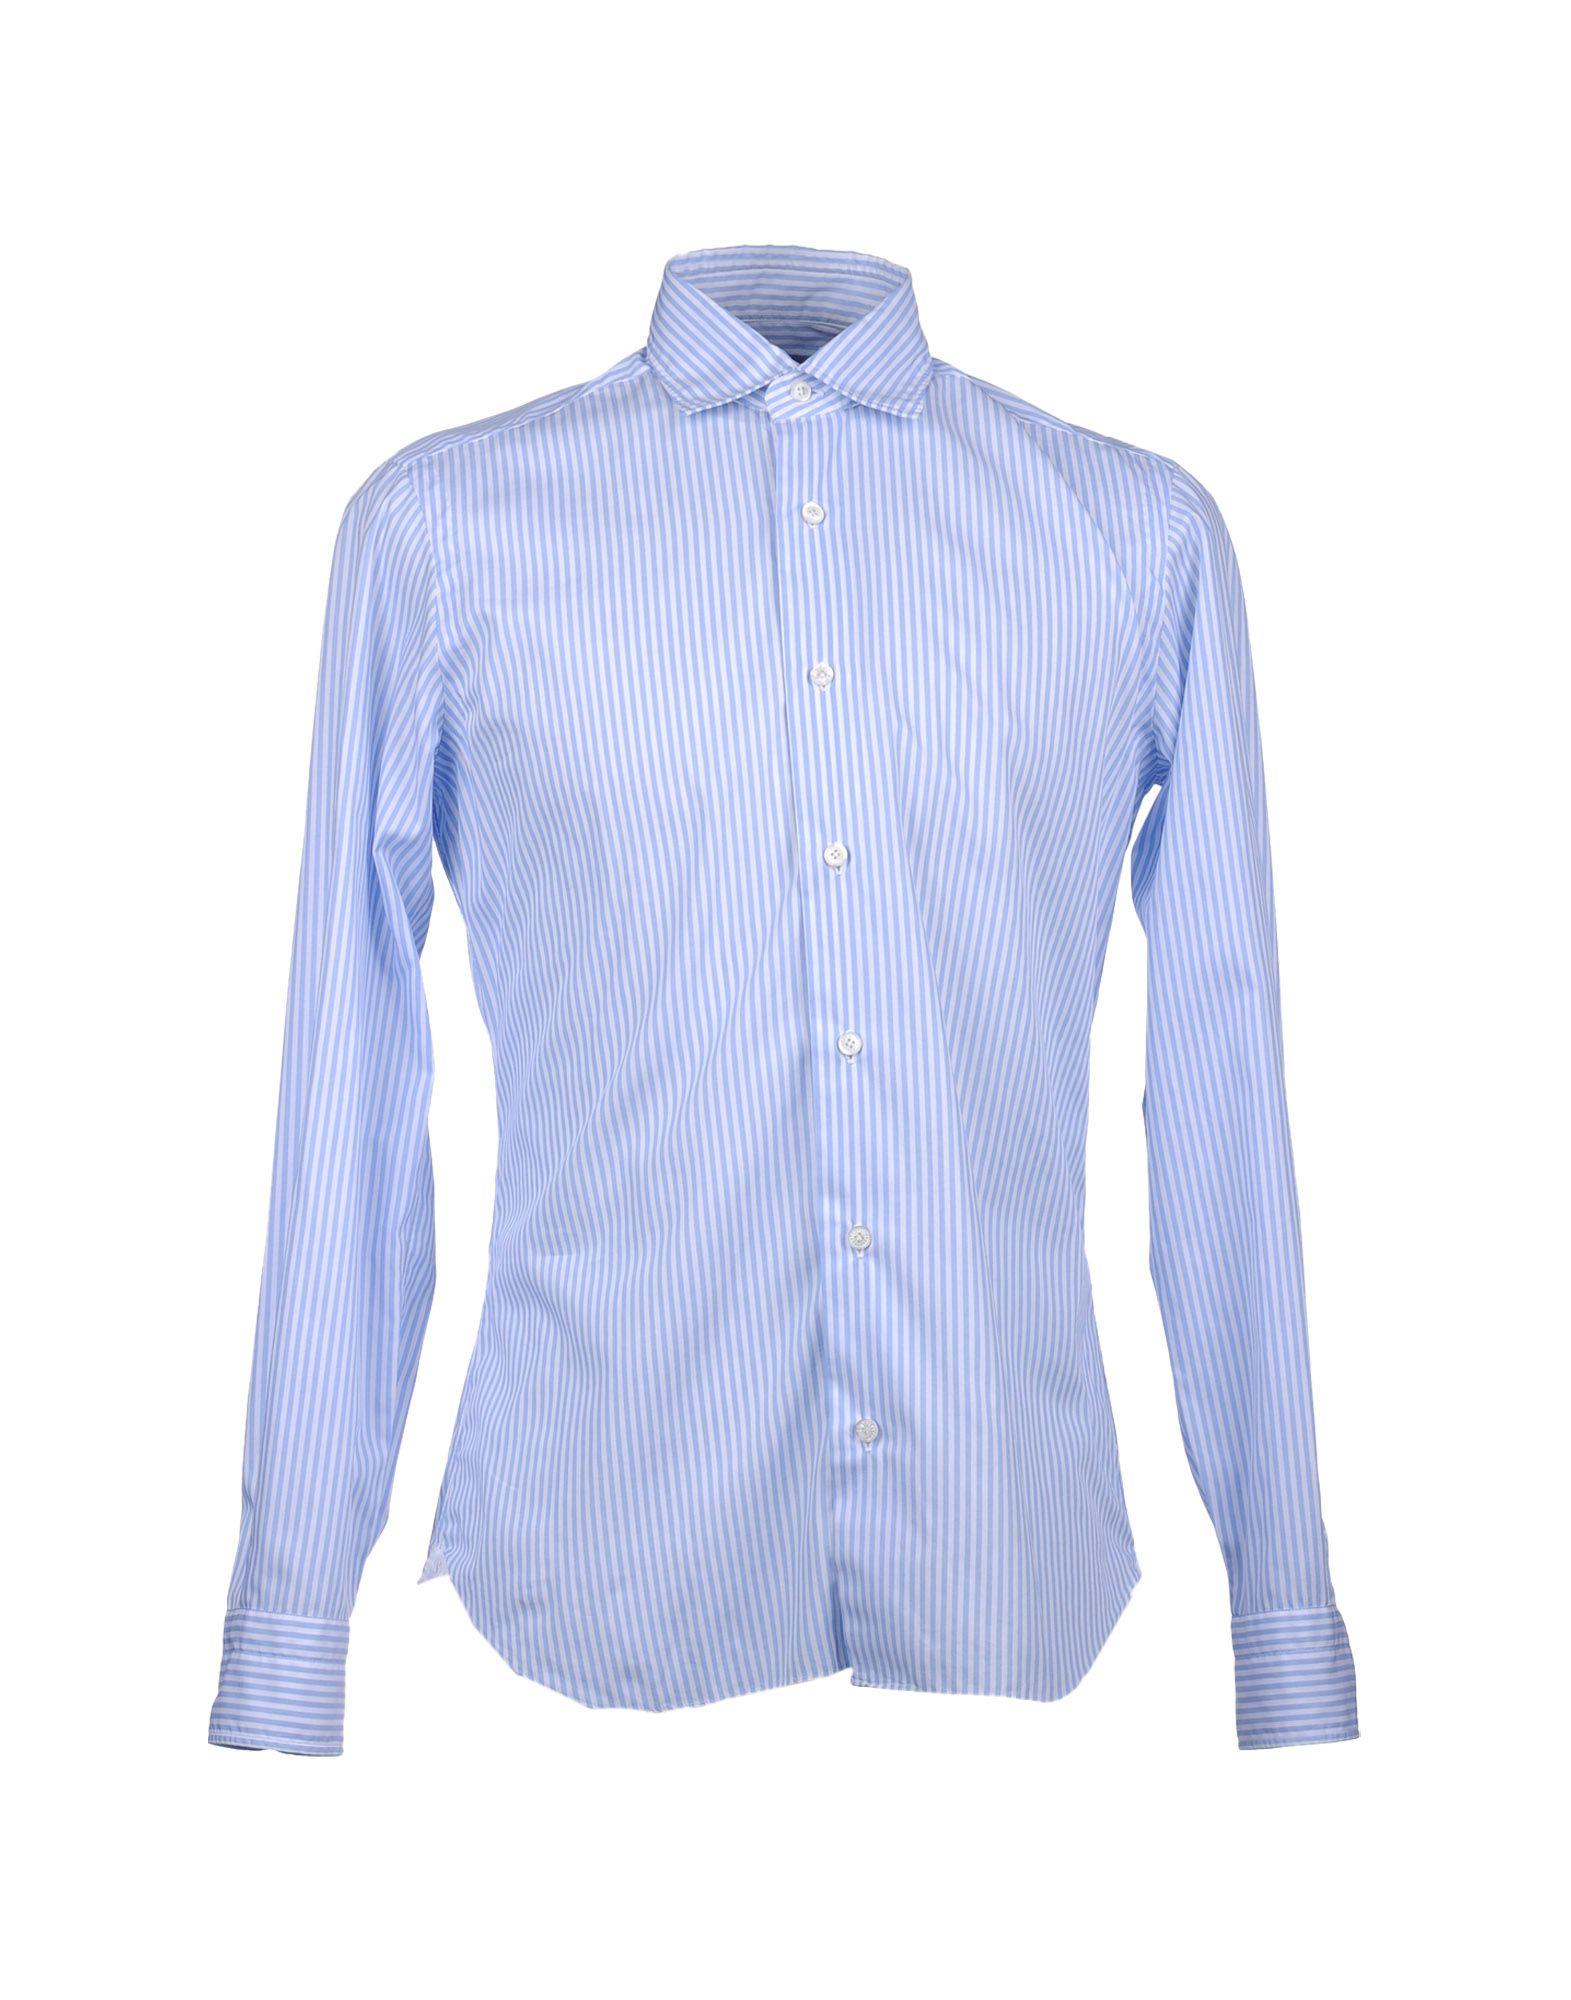 купить DANDYLIFE by BARBA Рубашка с длинными рукавами по цене 4426 рублей